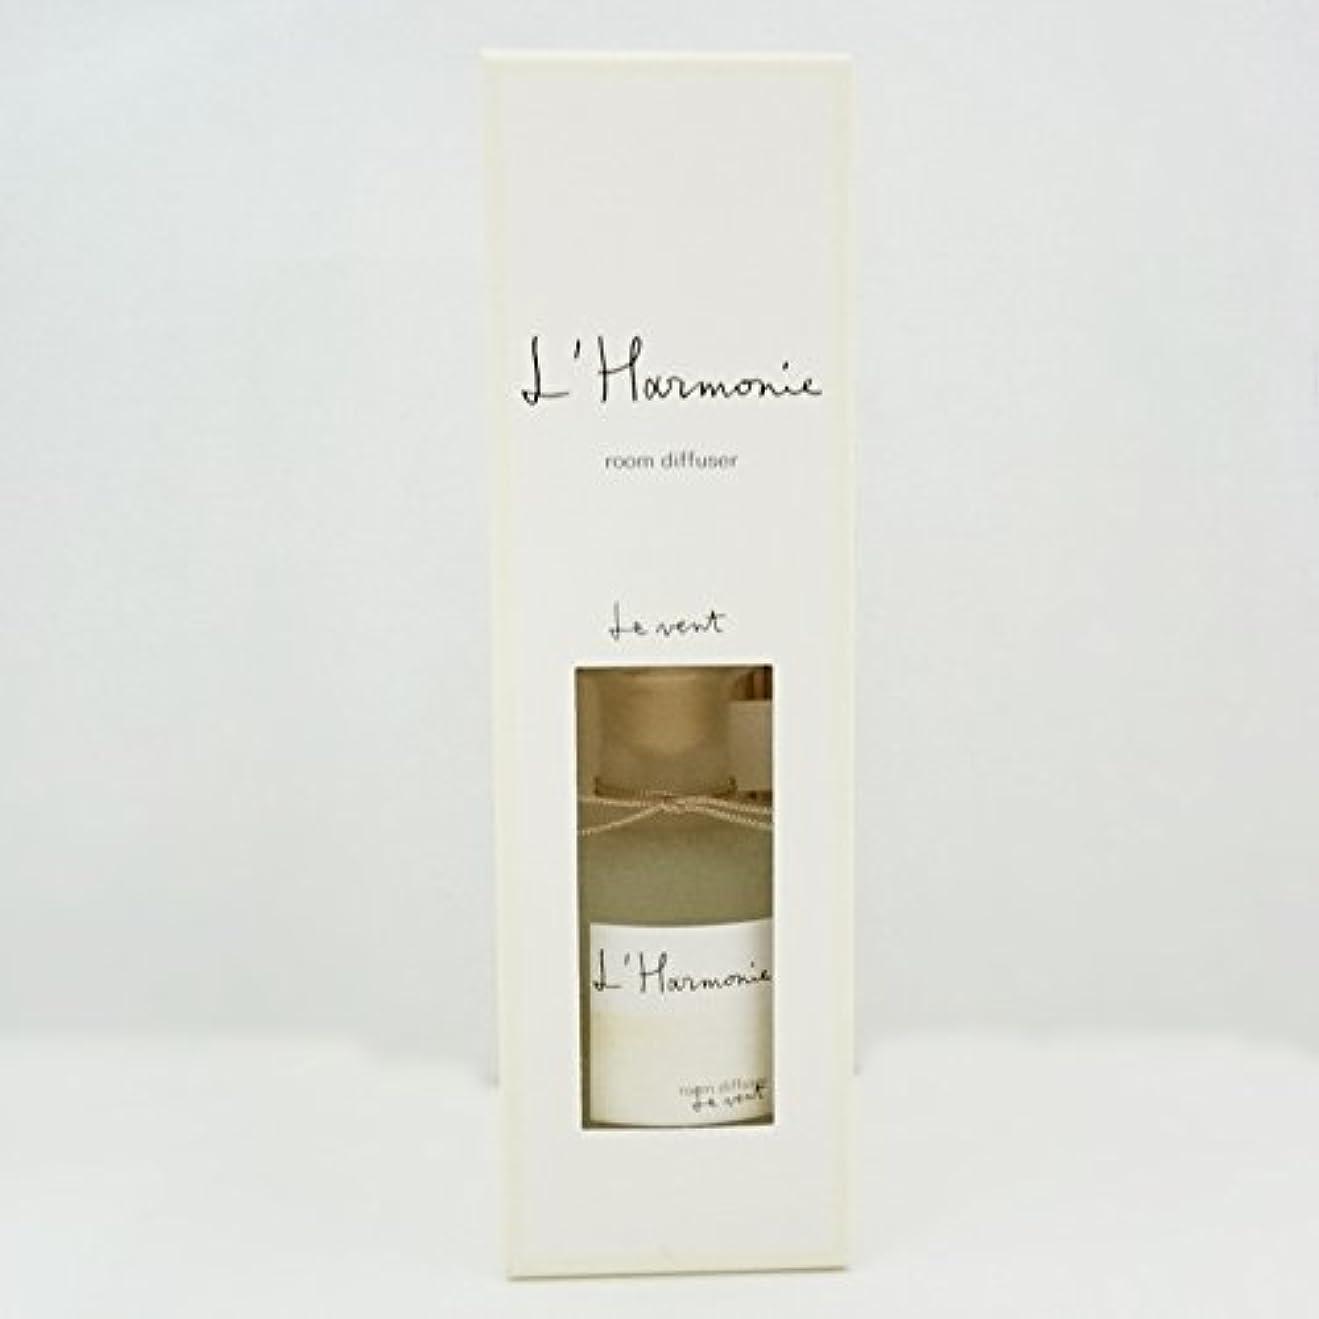 ニンニクドロー風変わりなLothantique(ロタンティック) L' Harmonie(アルモニ) ルームディフューザー 200ml 「Le vent(ヴァン)」 4994228024640